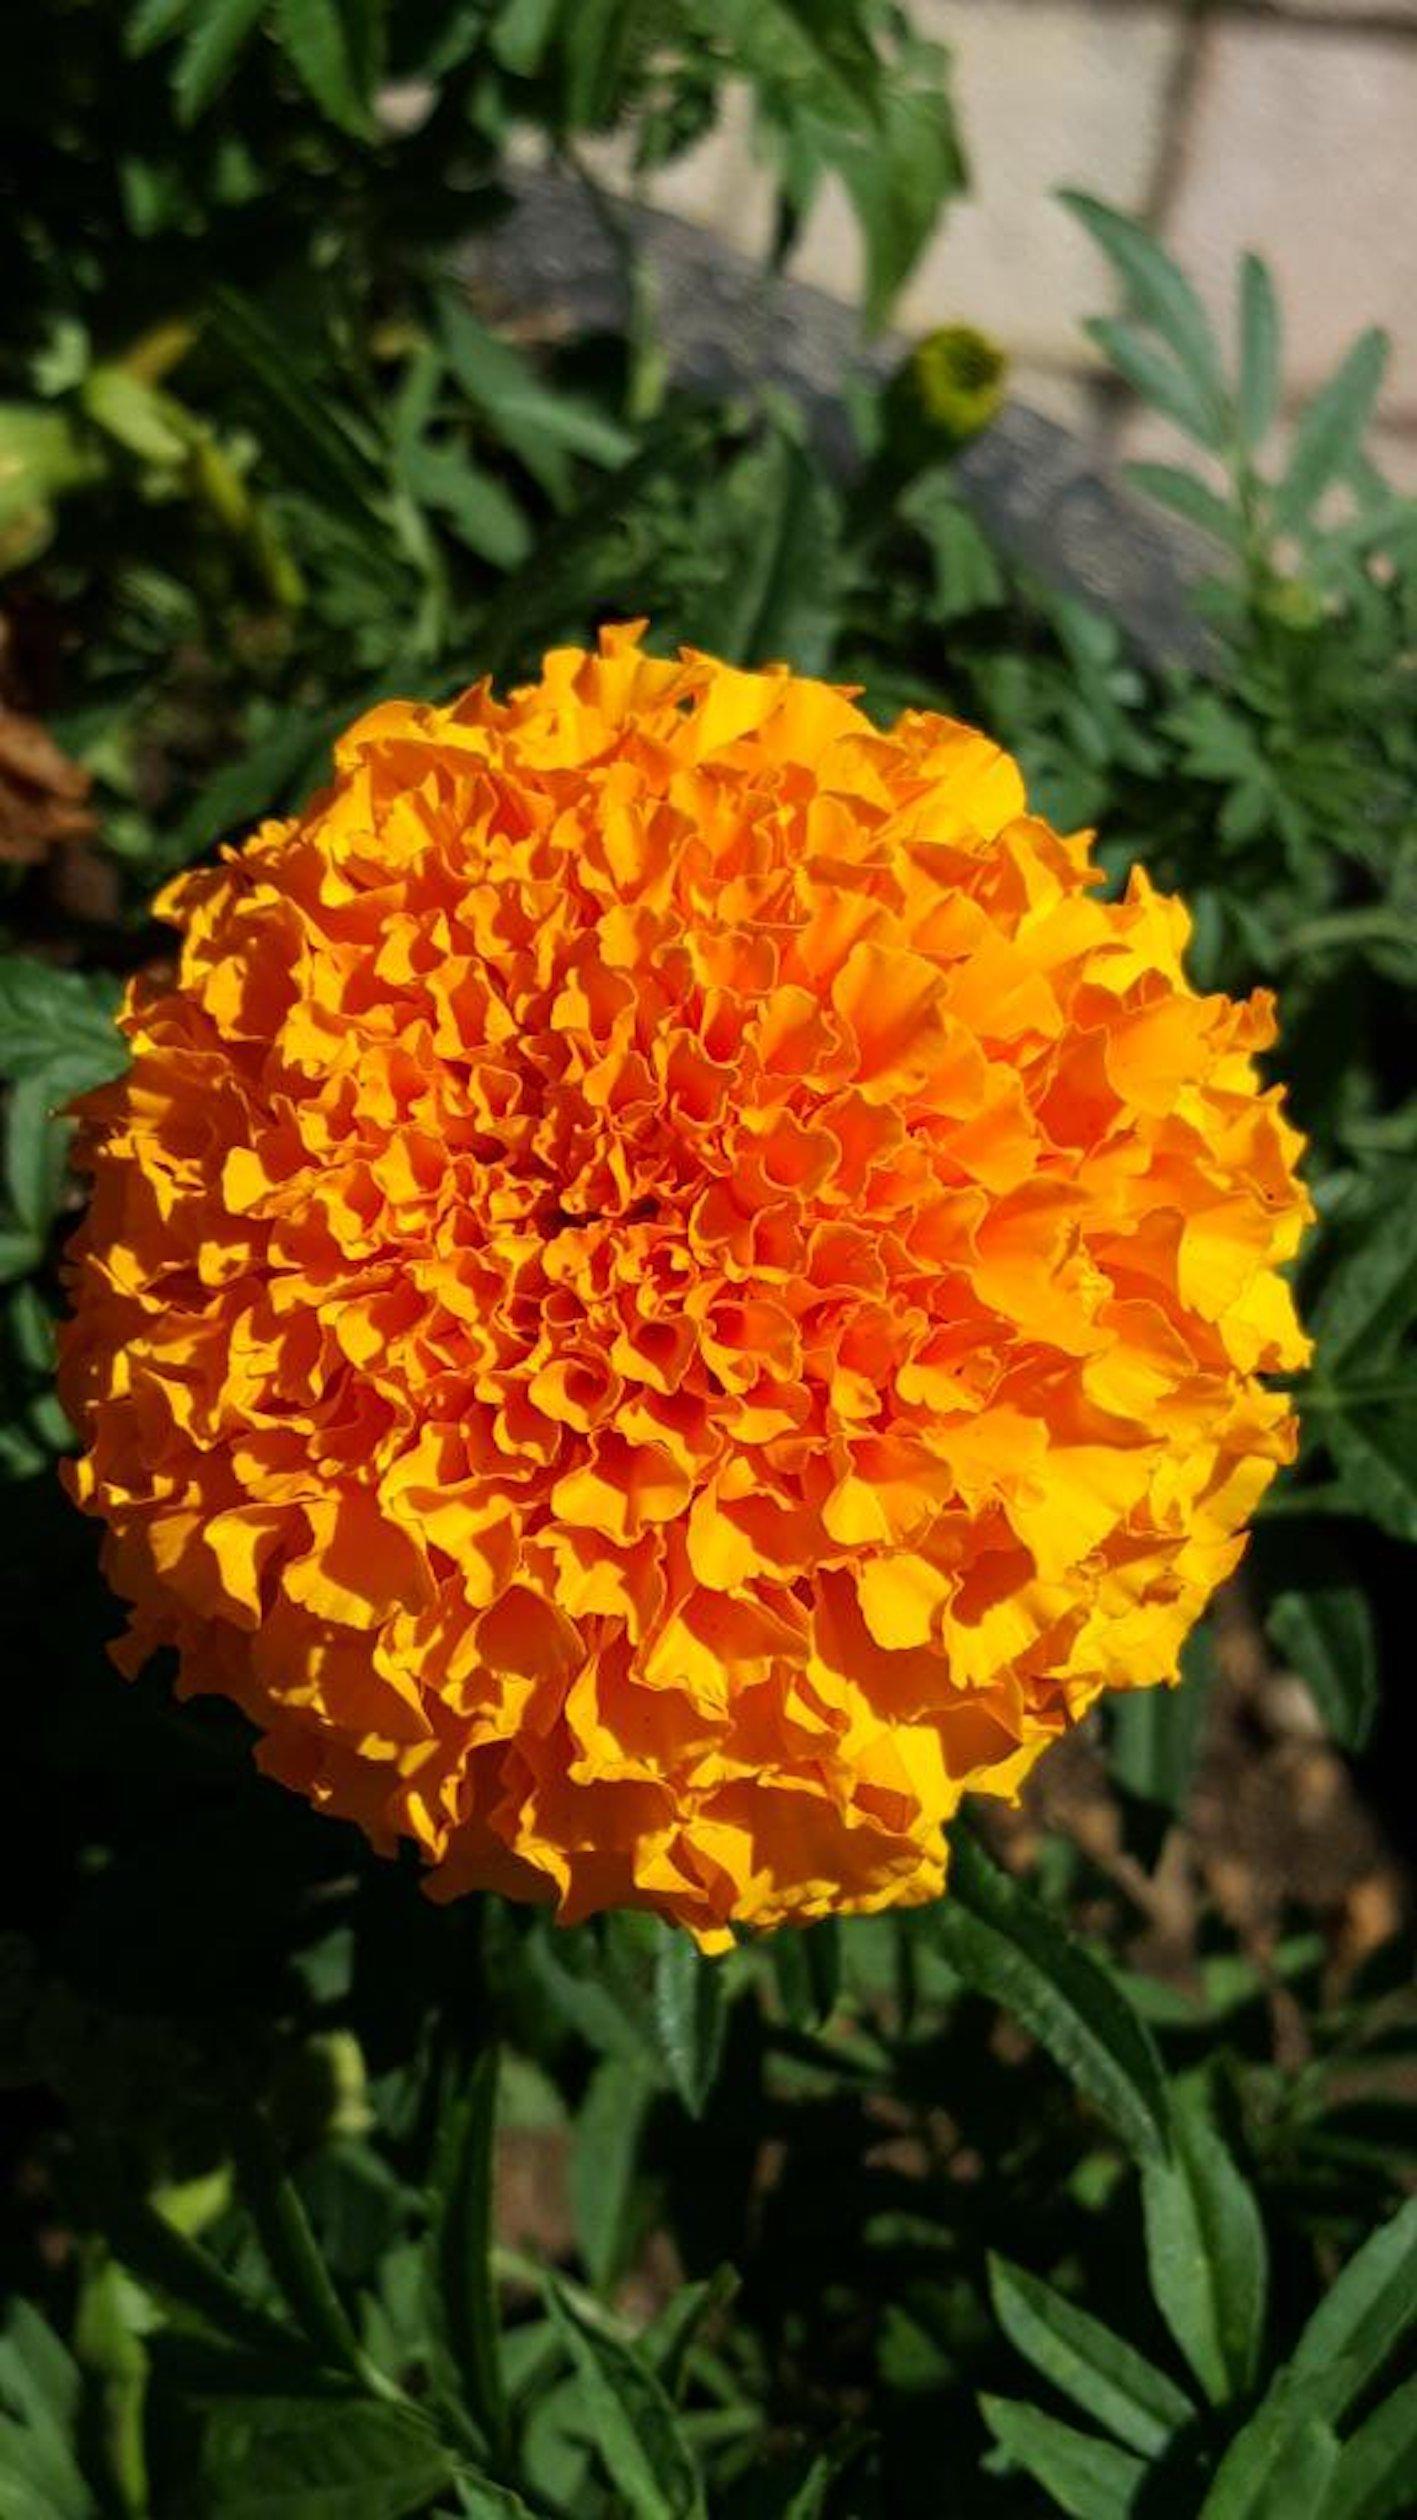 マリーゴールド 時期 開花